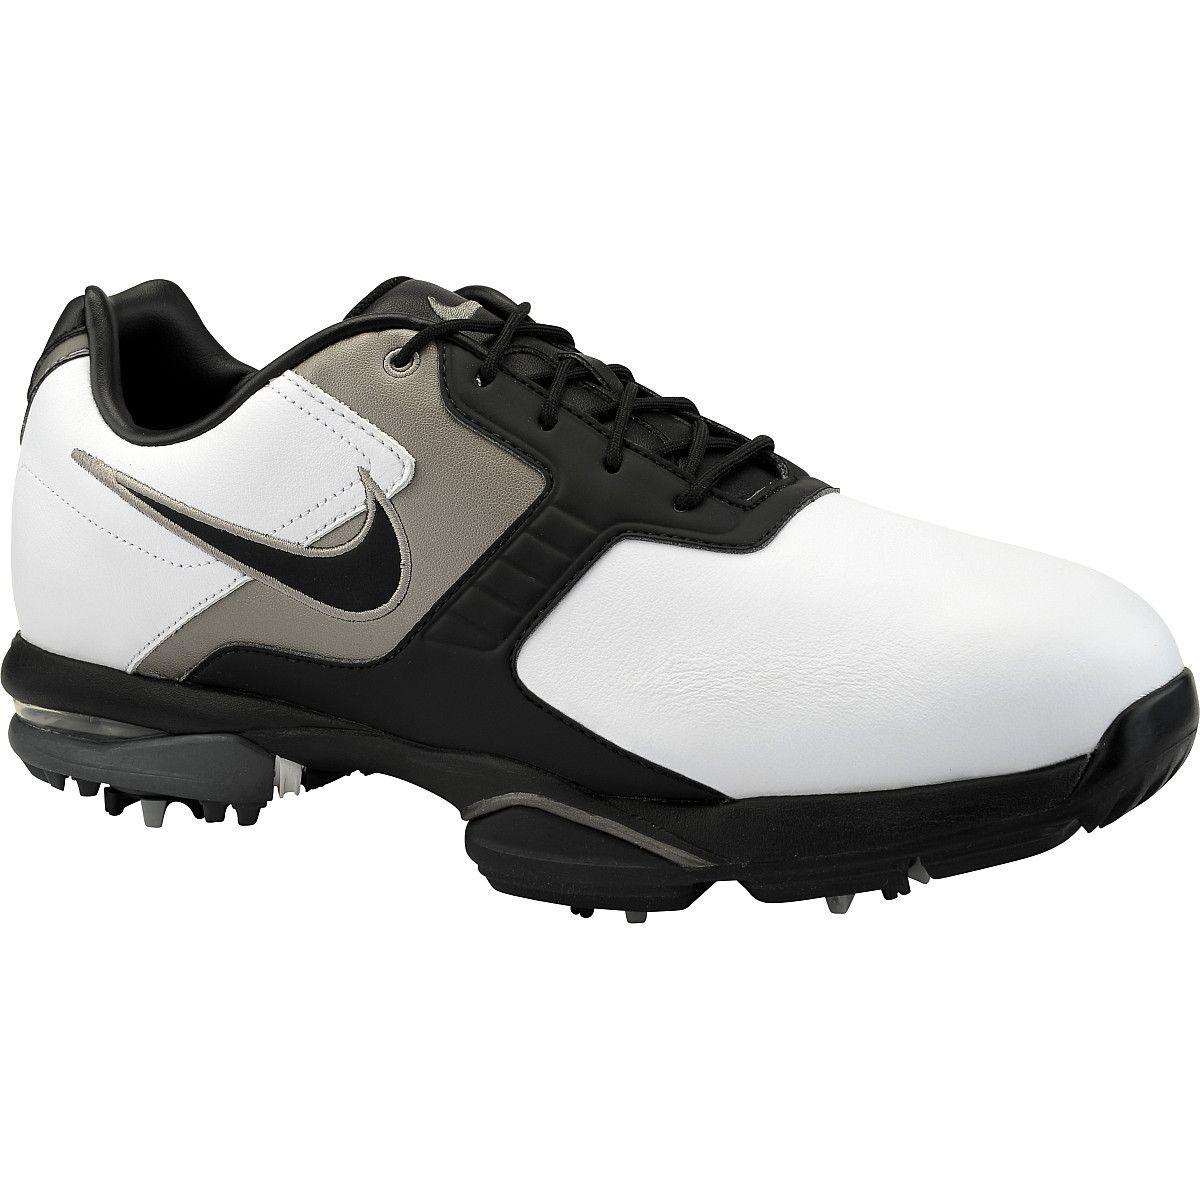 online retailer 5d076 32f3d NIKE Men s Air Academy II Golf Shoes  giftofsport